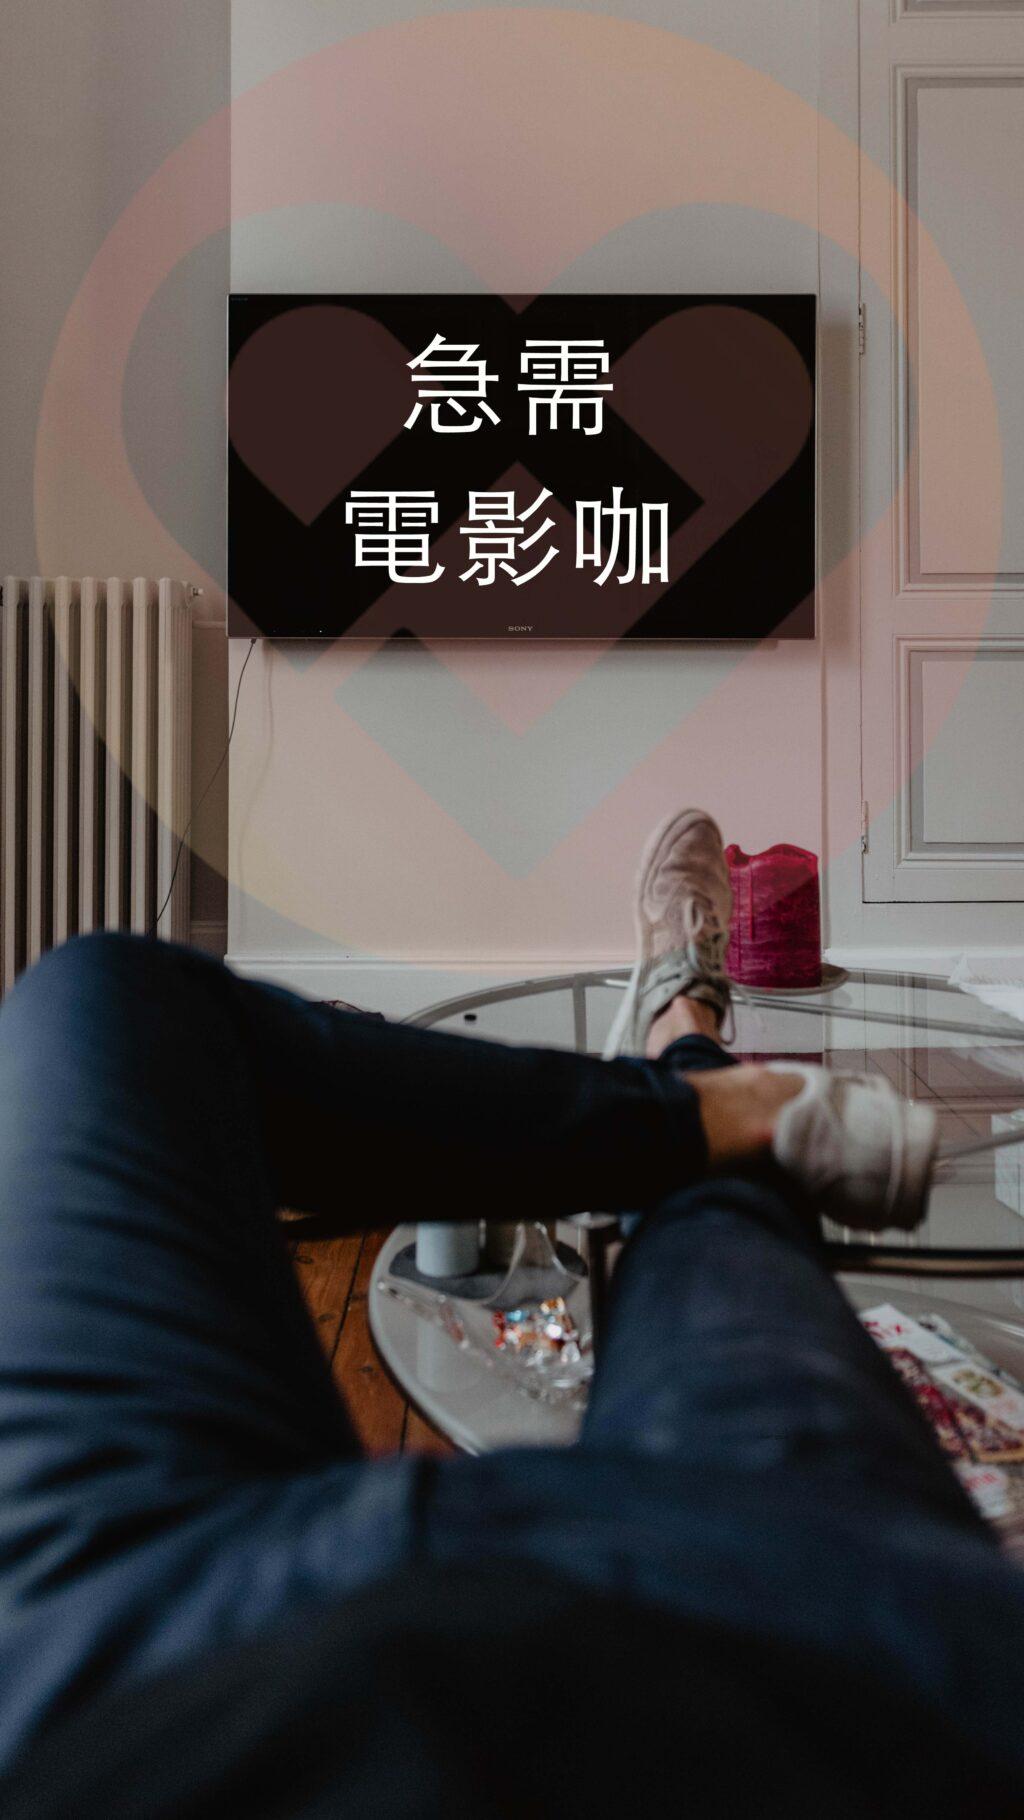 活動消息|Together七夕抽獎活動【得獎名單】